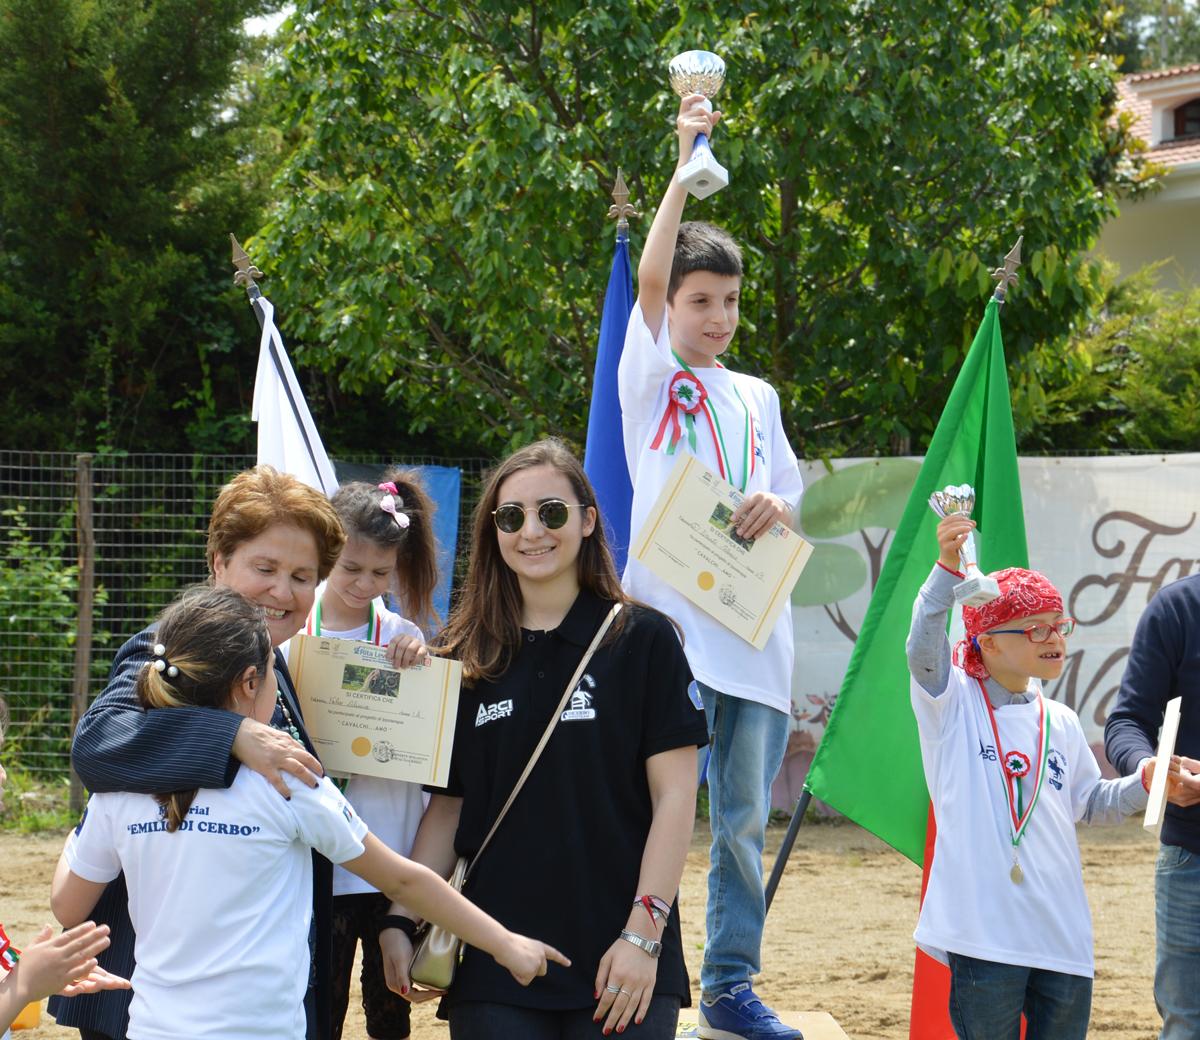 """XV edizione  Memorial Emilio Di Cerbo - Grande successo per la """"speciale"""" gara equestre 1"""